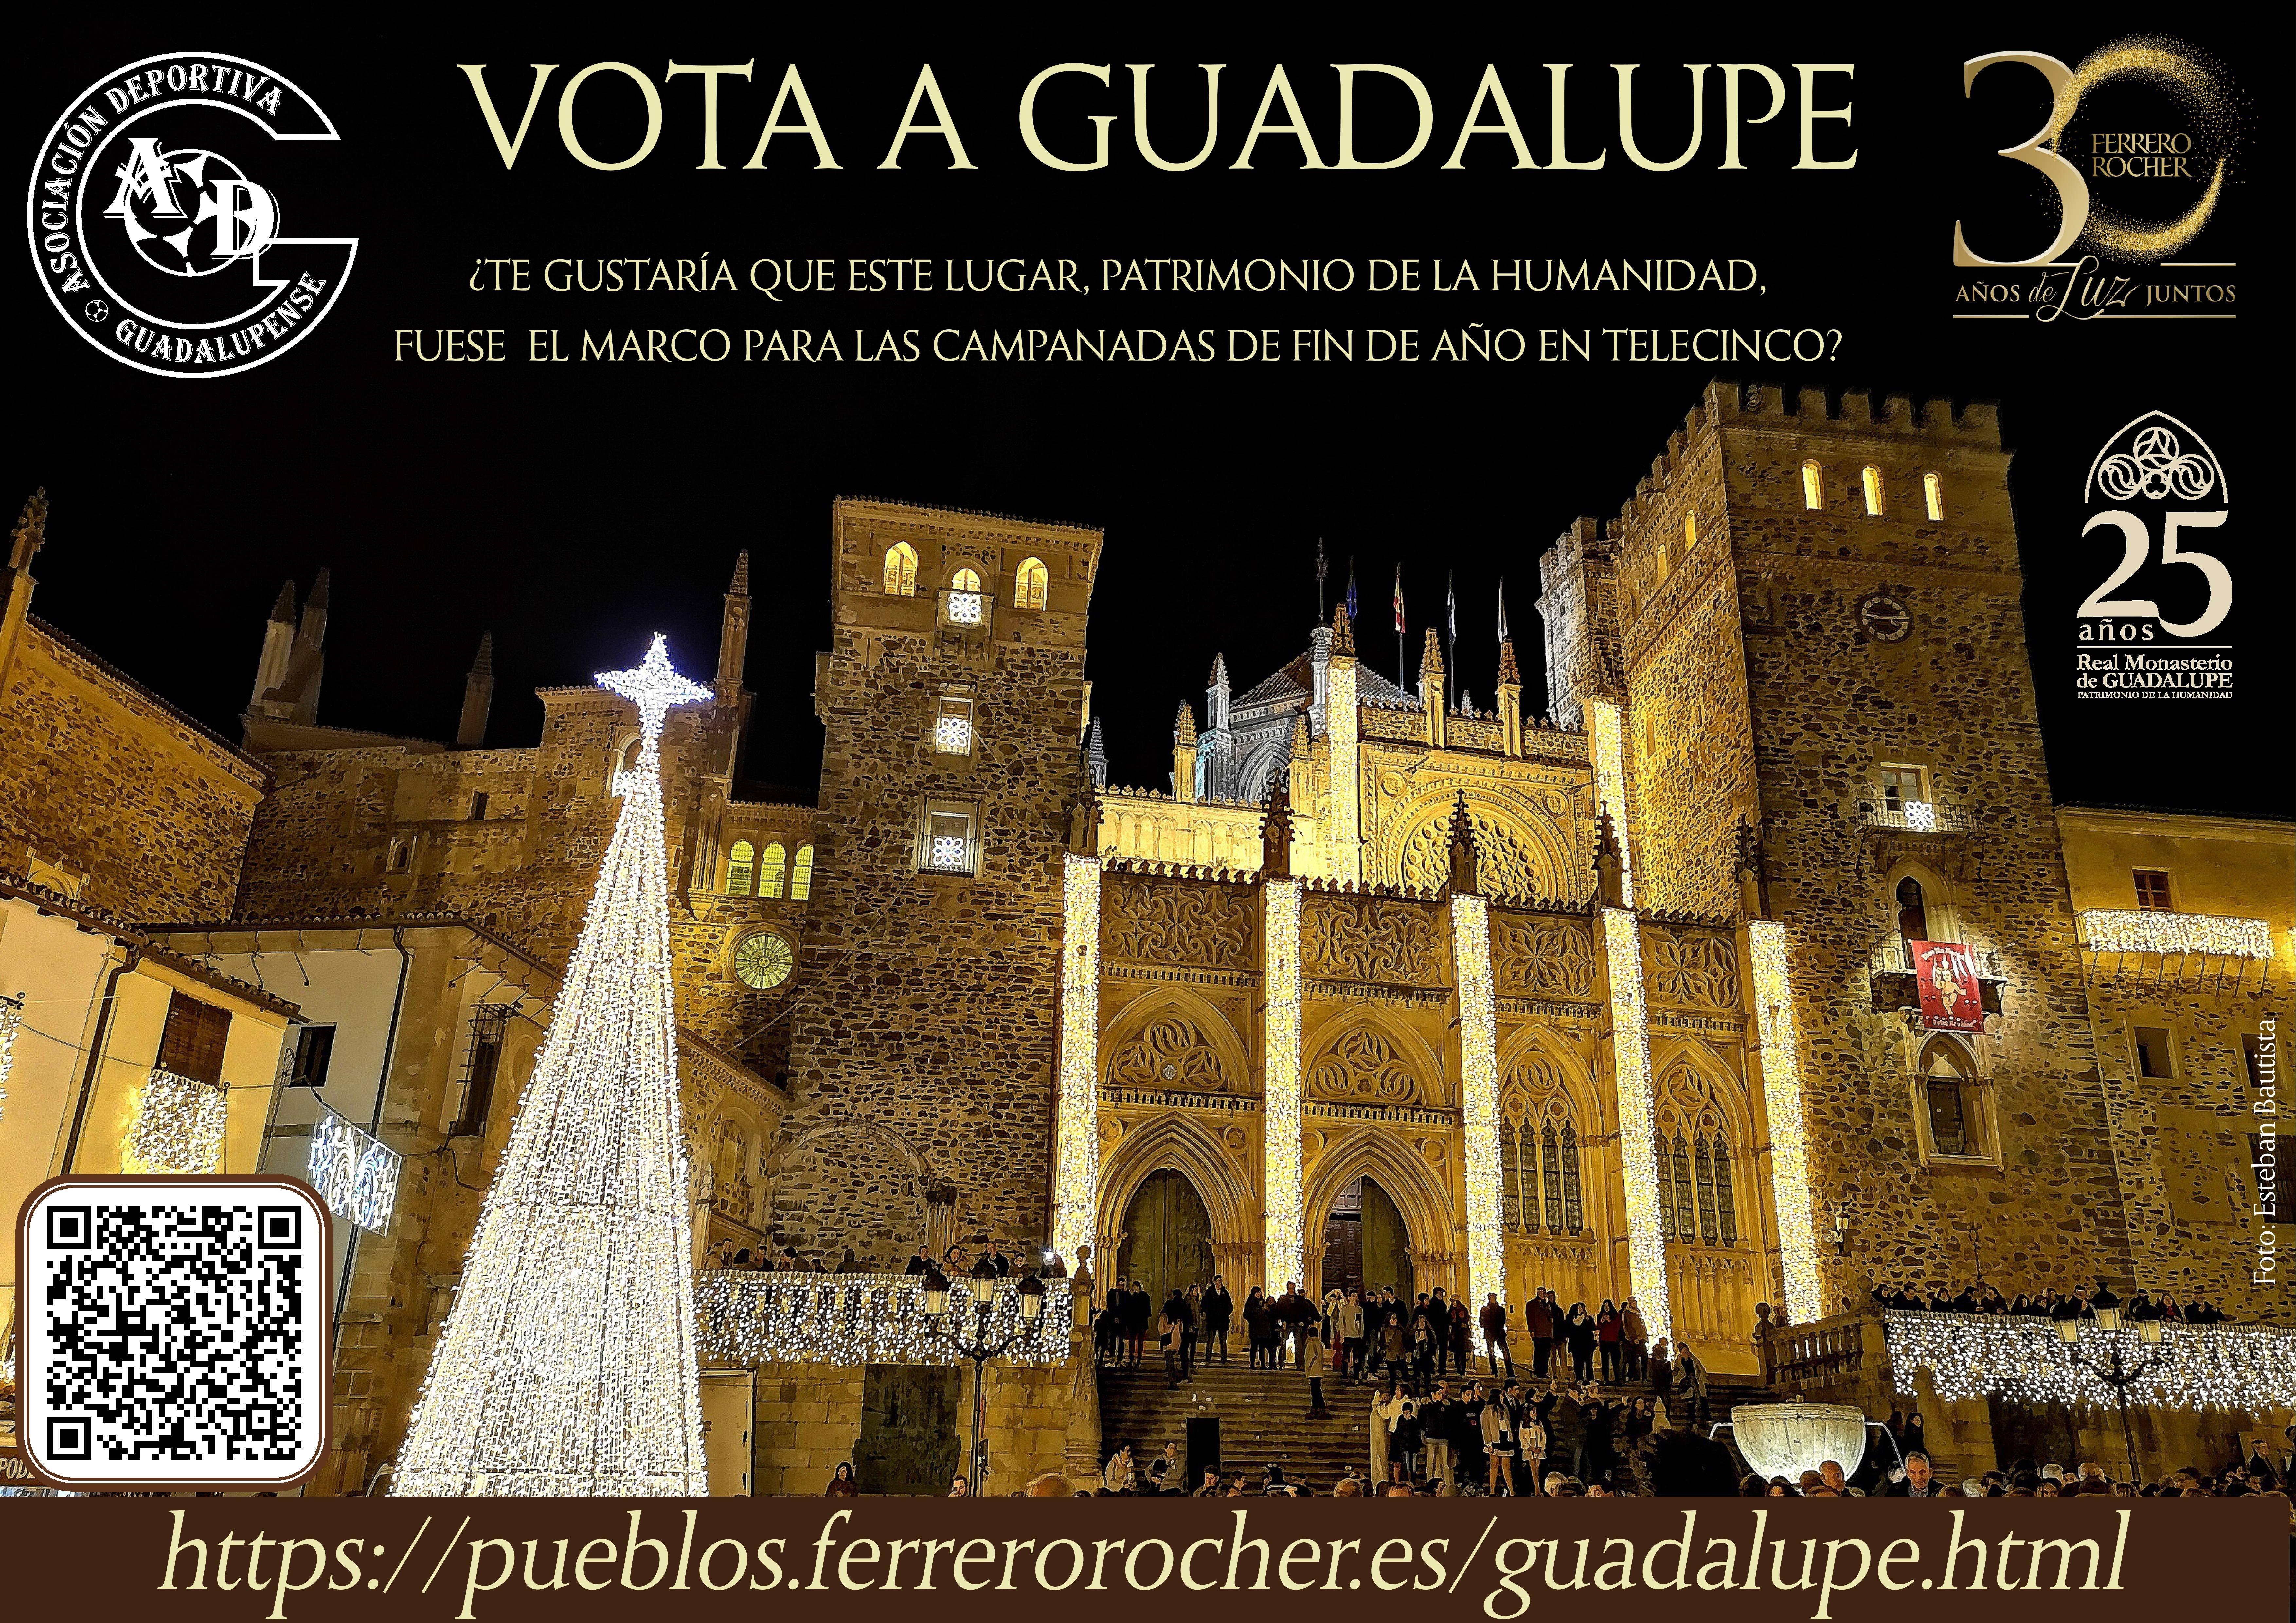 Vota a Guadalupe para que las campanadas de fin de año 2019 se retransmitan por Telecinco